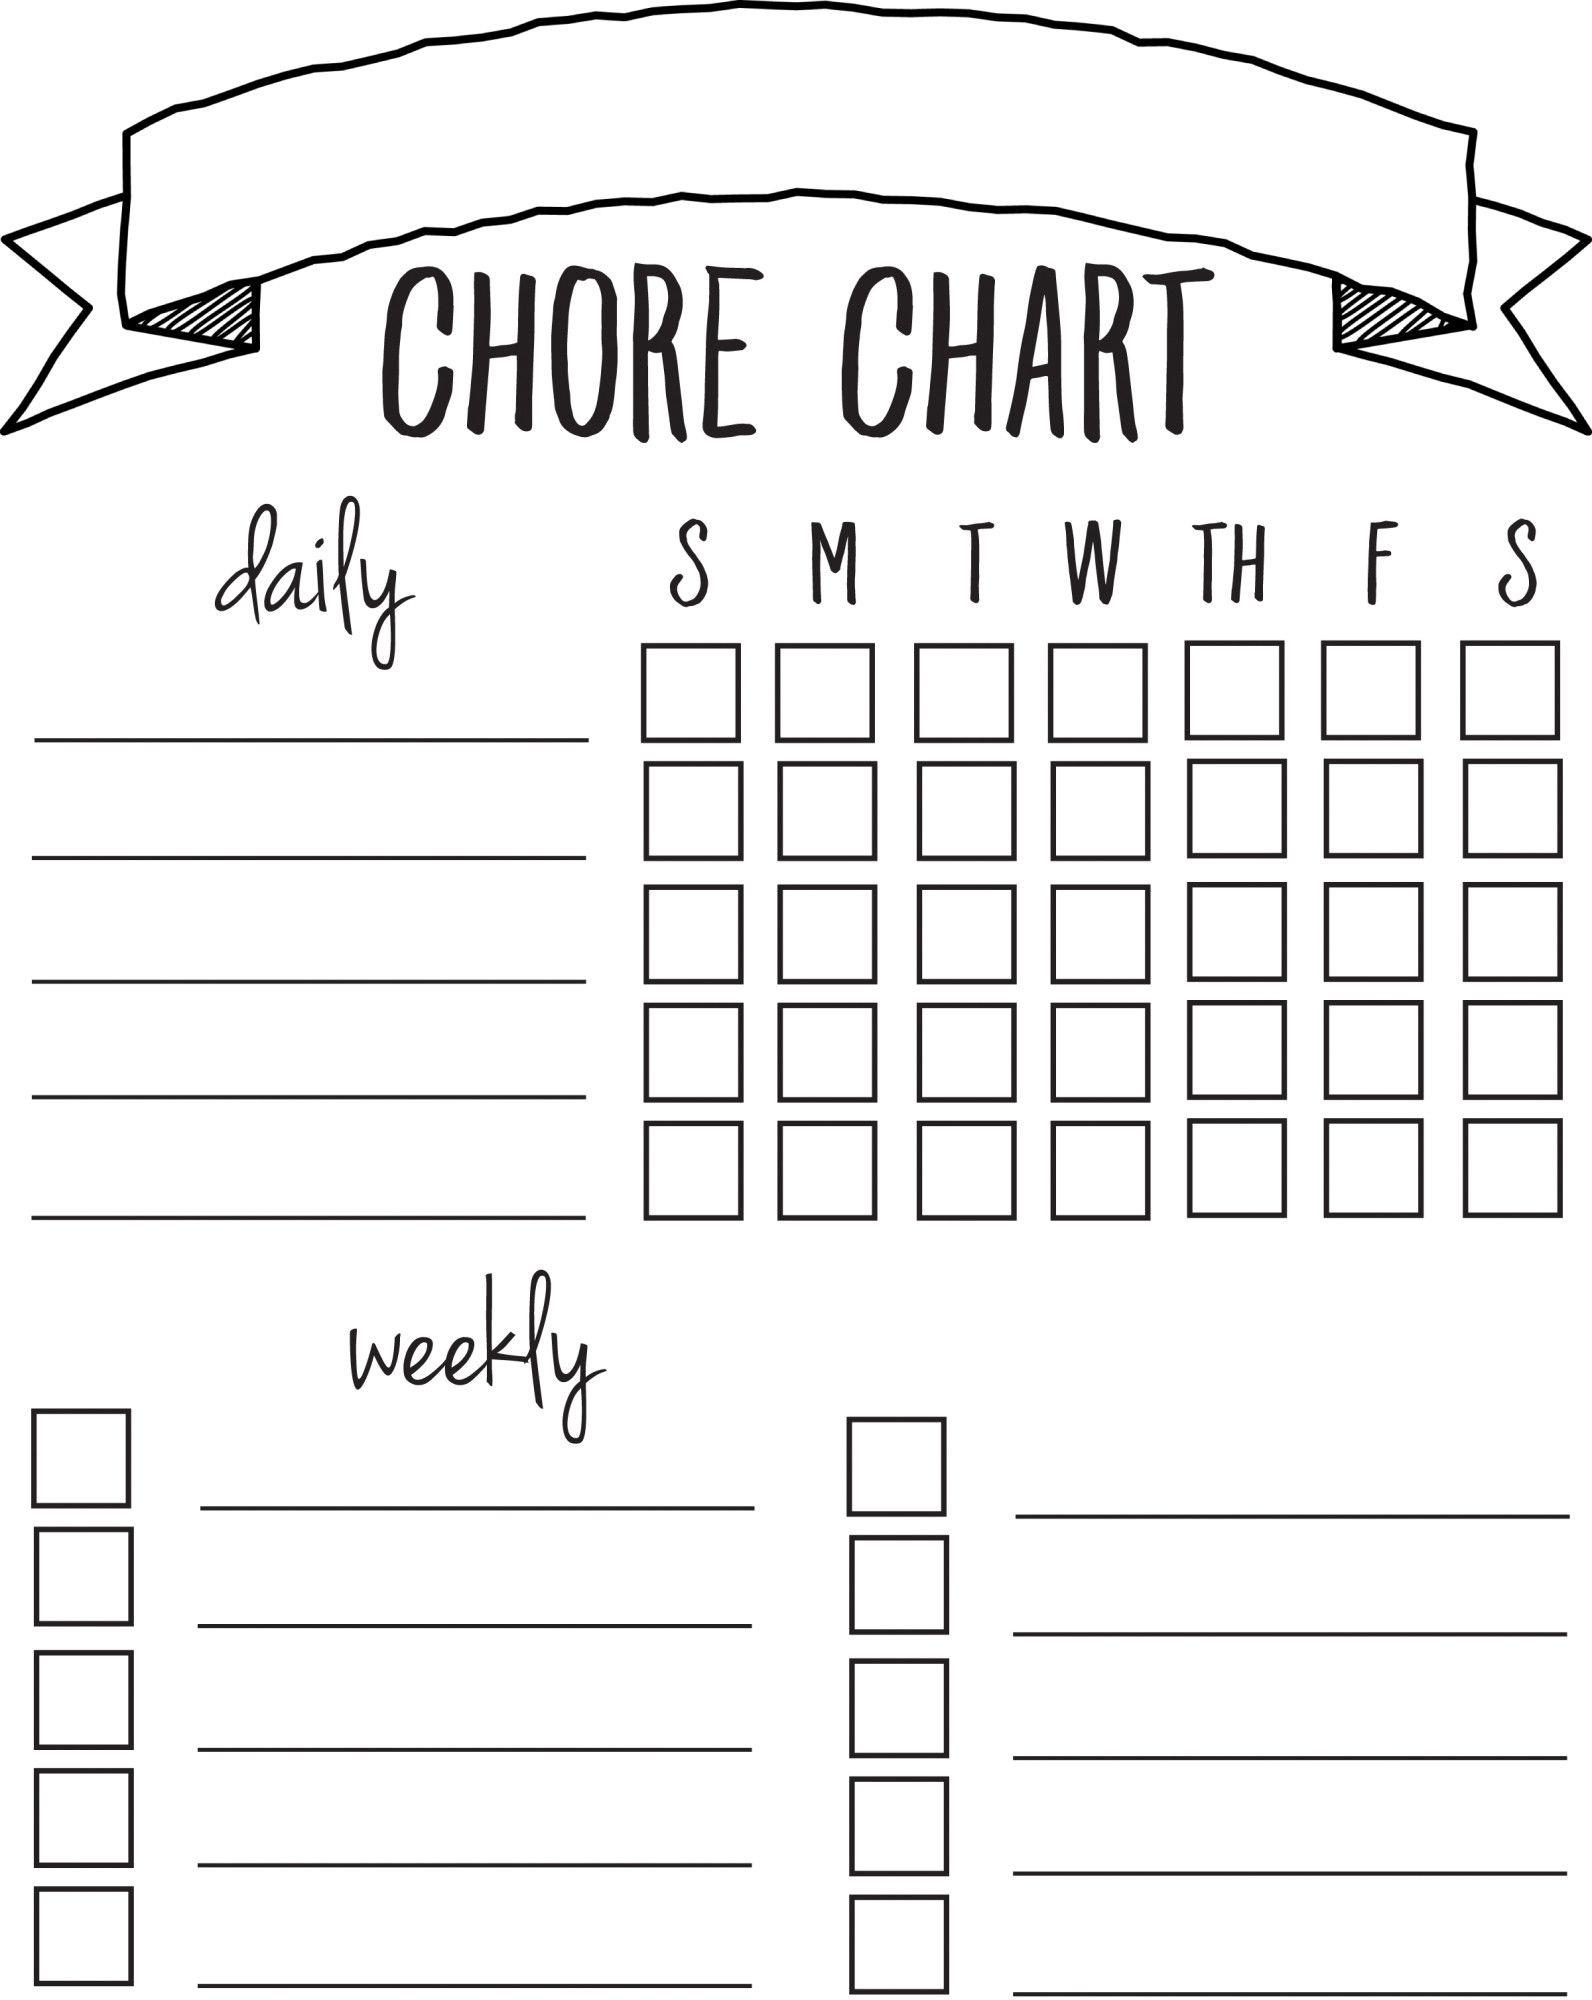 Diy Printable Chore Chart   Free Printables Nov/feb   Chore Chart - Free Printable Charts And Lists